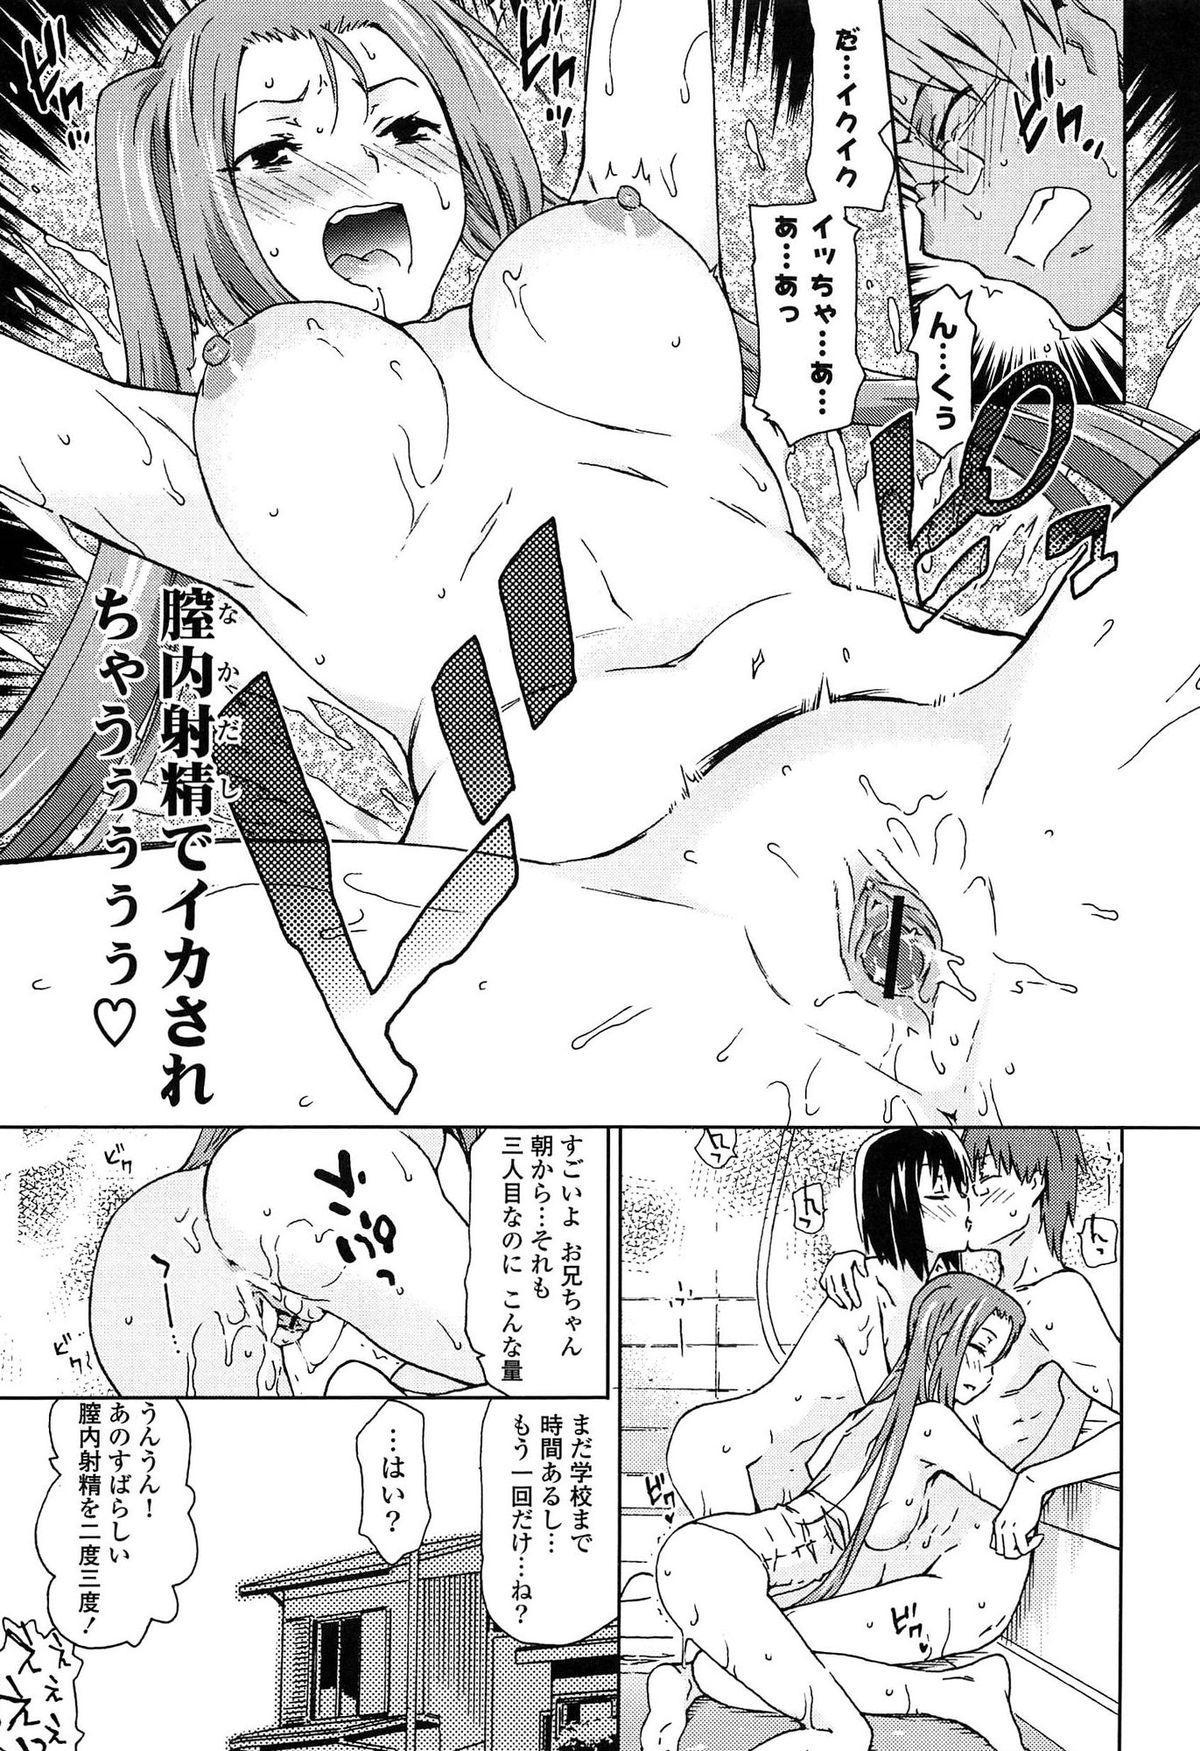 Ano Subarashii Nakadashi wo Nidosando 61